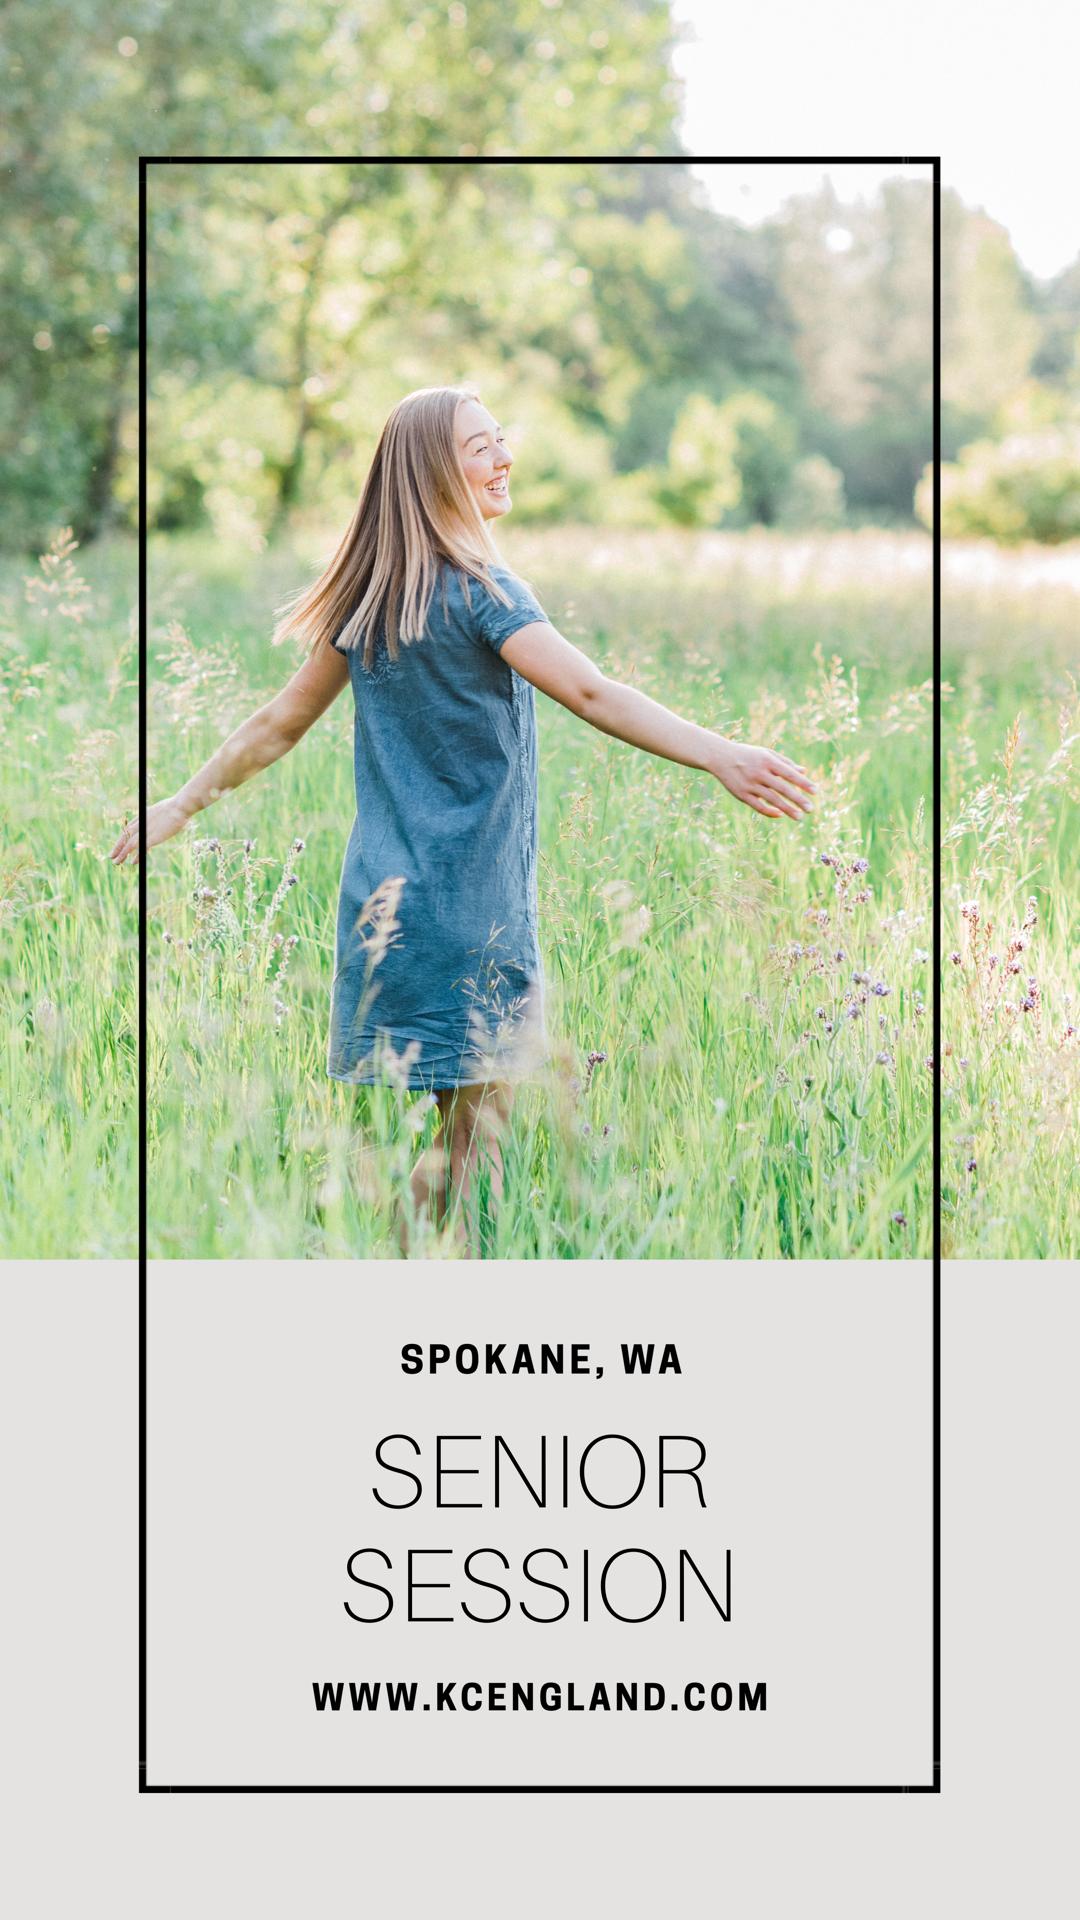 spokane_senior_sesion_marli_krantz